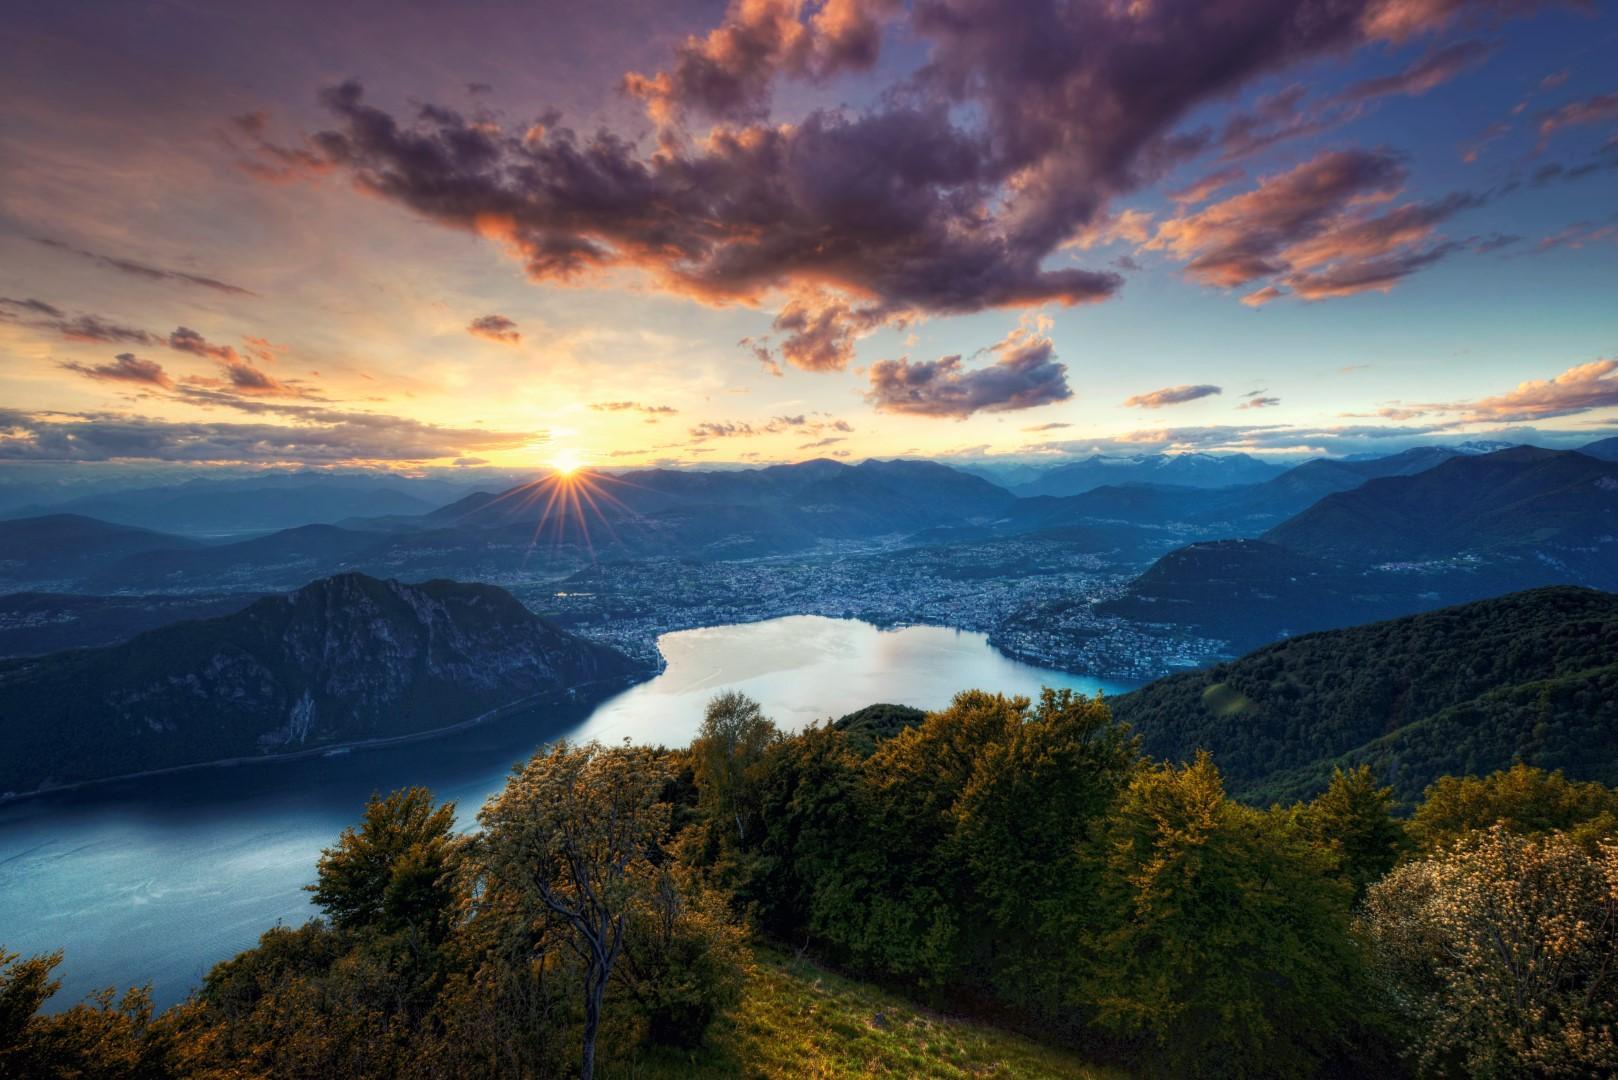 Svizzera: la dolce vita sul Lago di Lugano